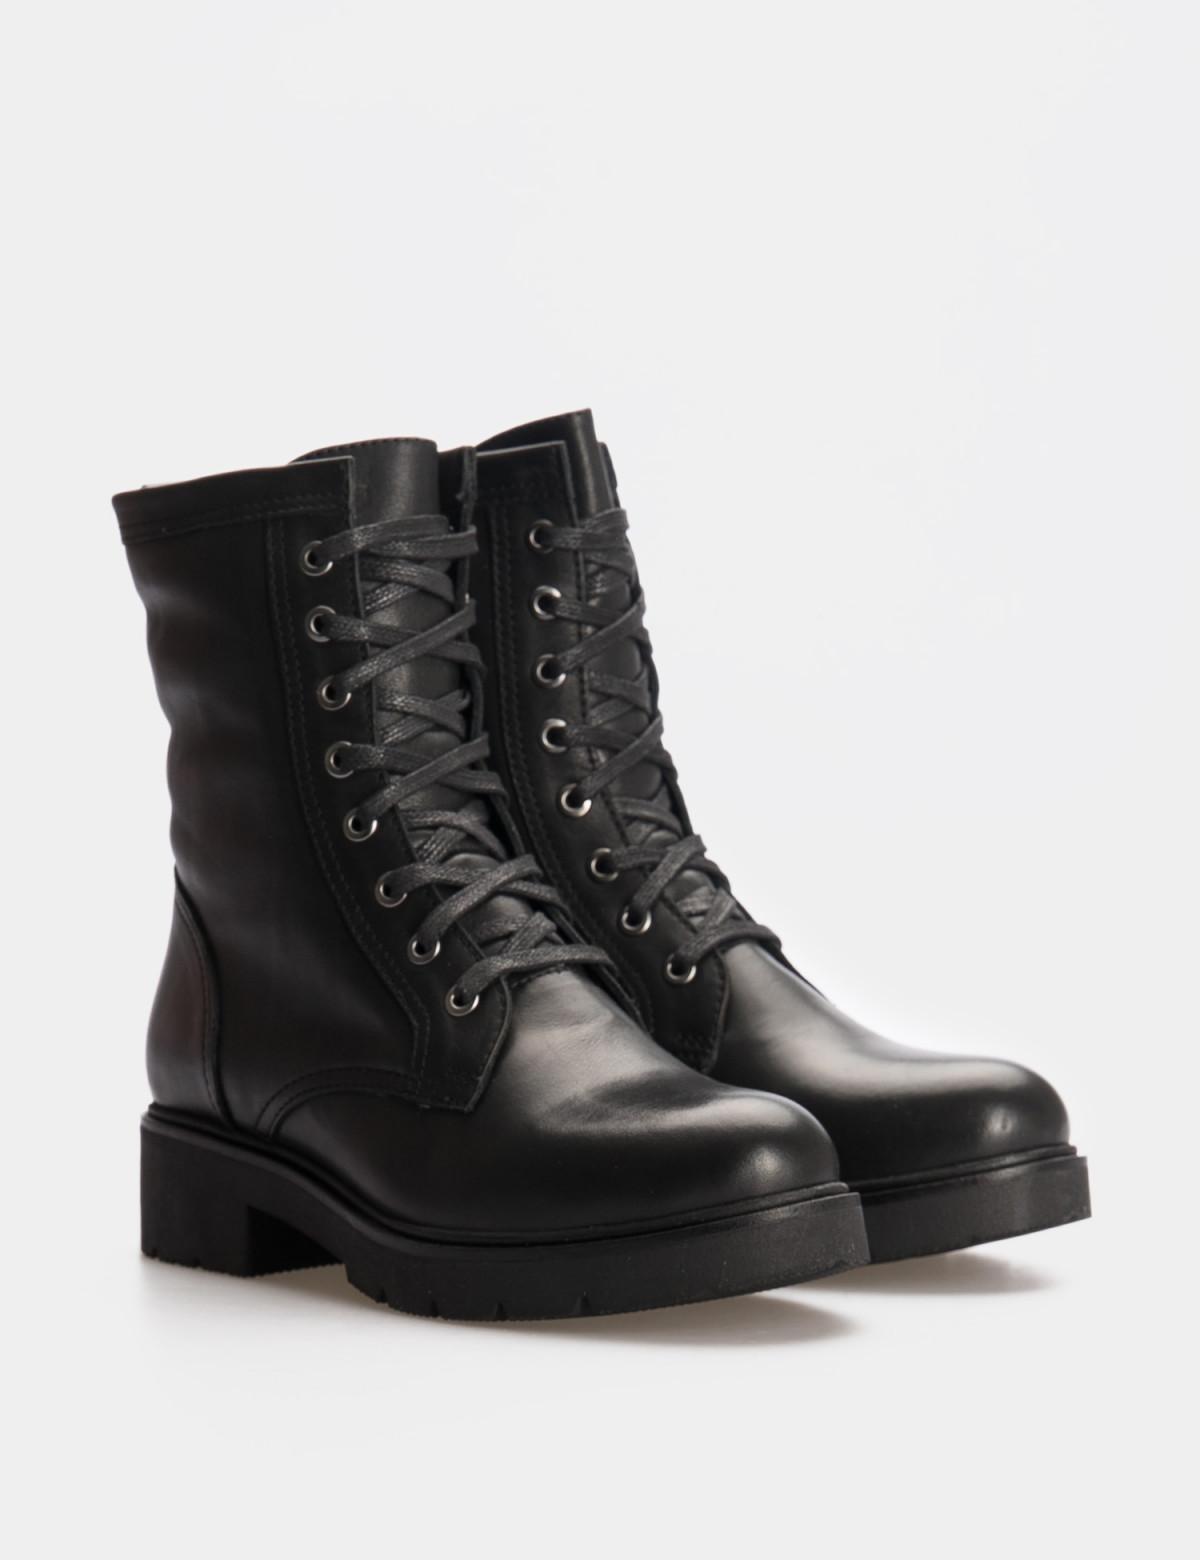 Ботинки черные. Натуральная кожа. Искуственный мех1